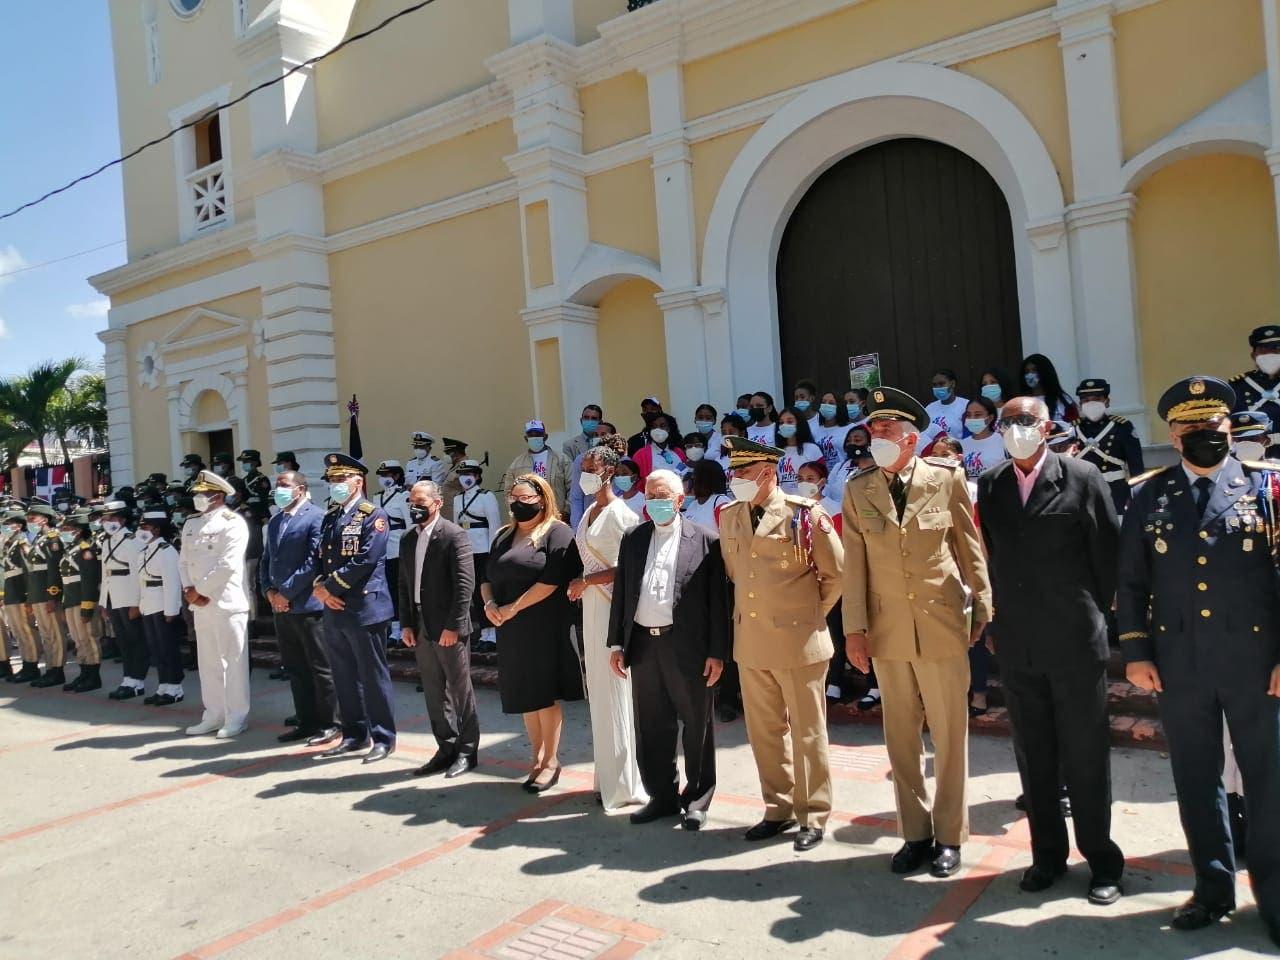 Comisión Permanente de Efemérides Patrias celebra con diversos actos el 177 aniversario de la Batalla de Azua